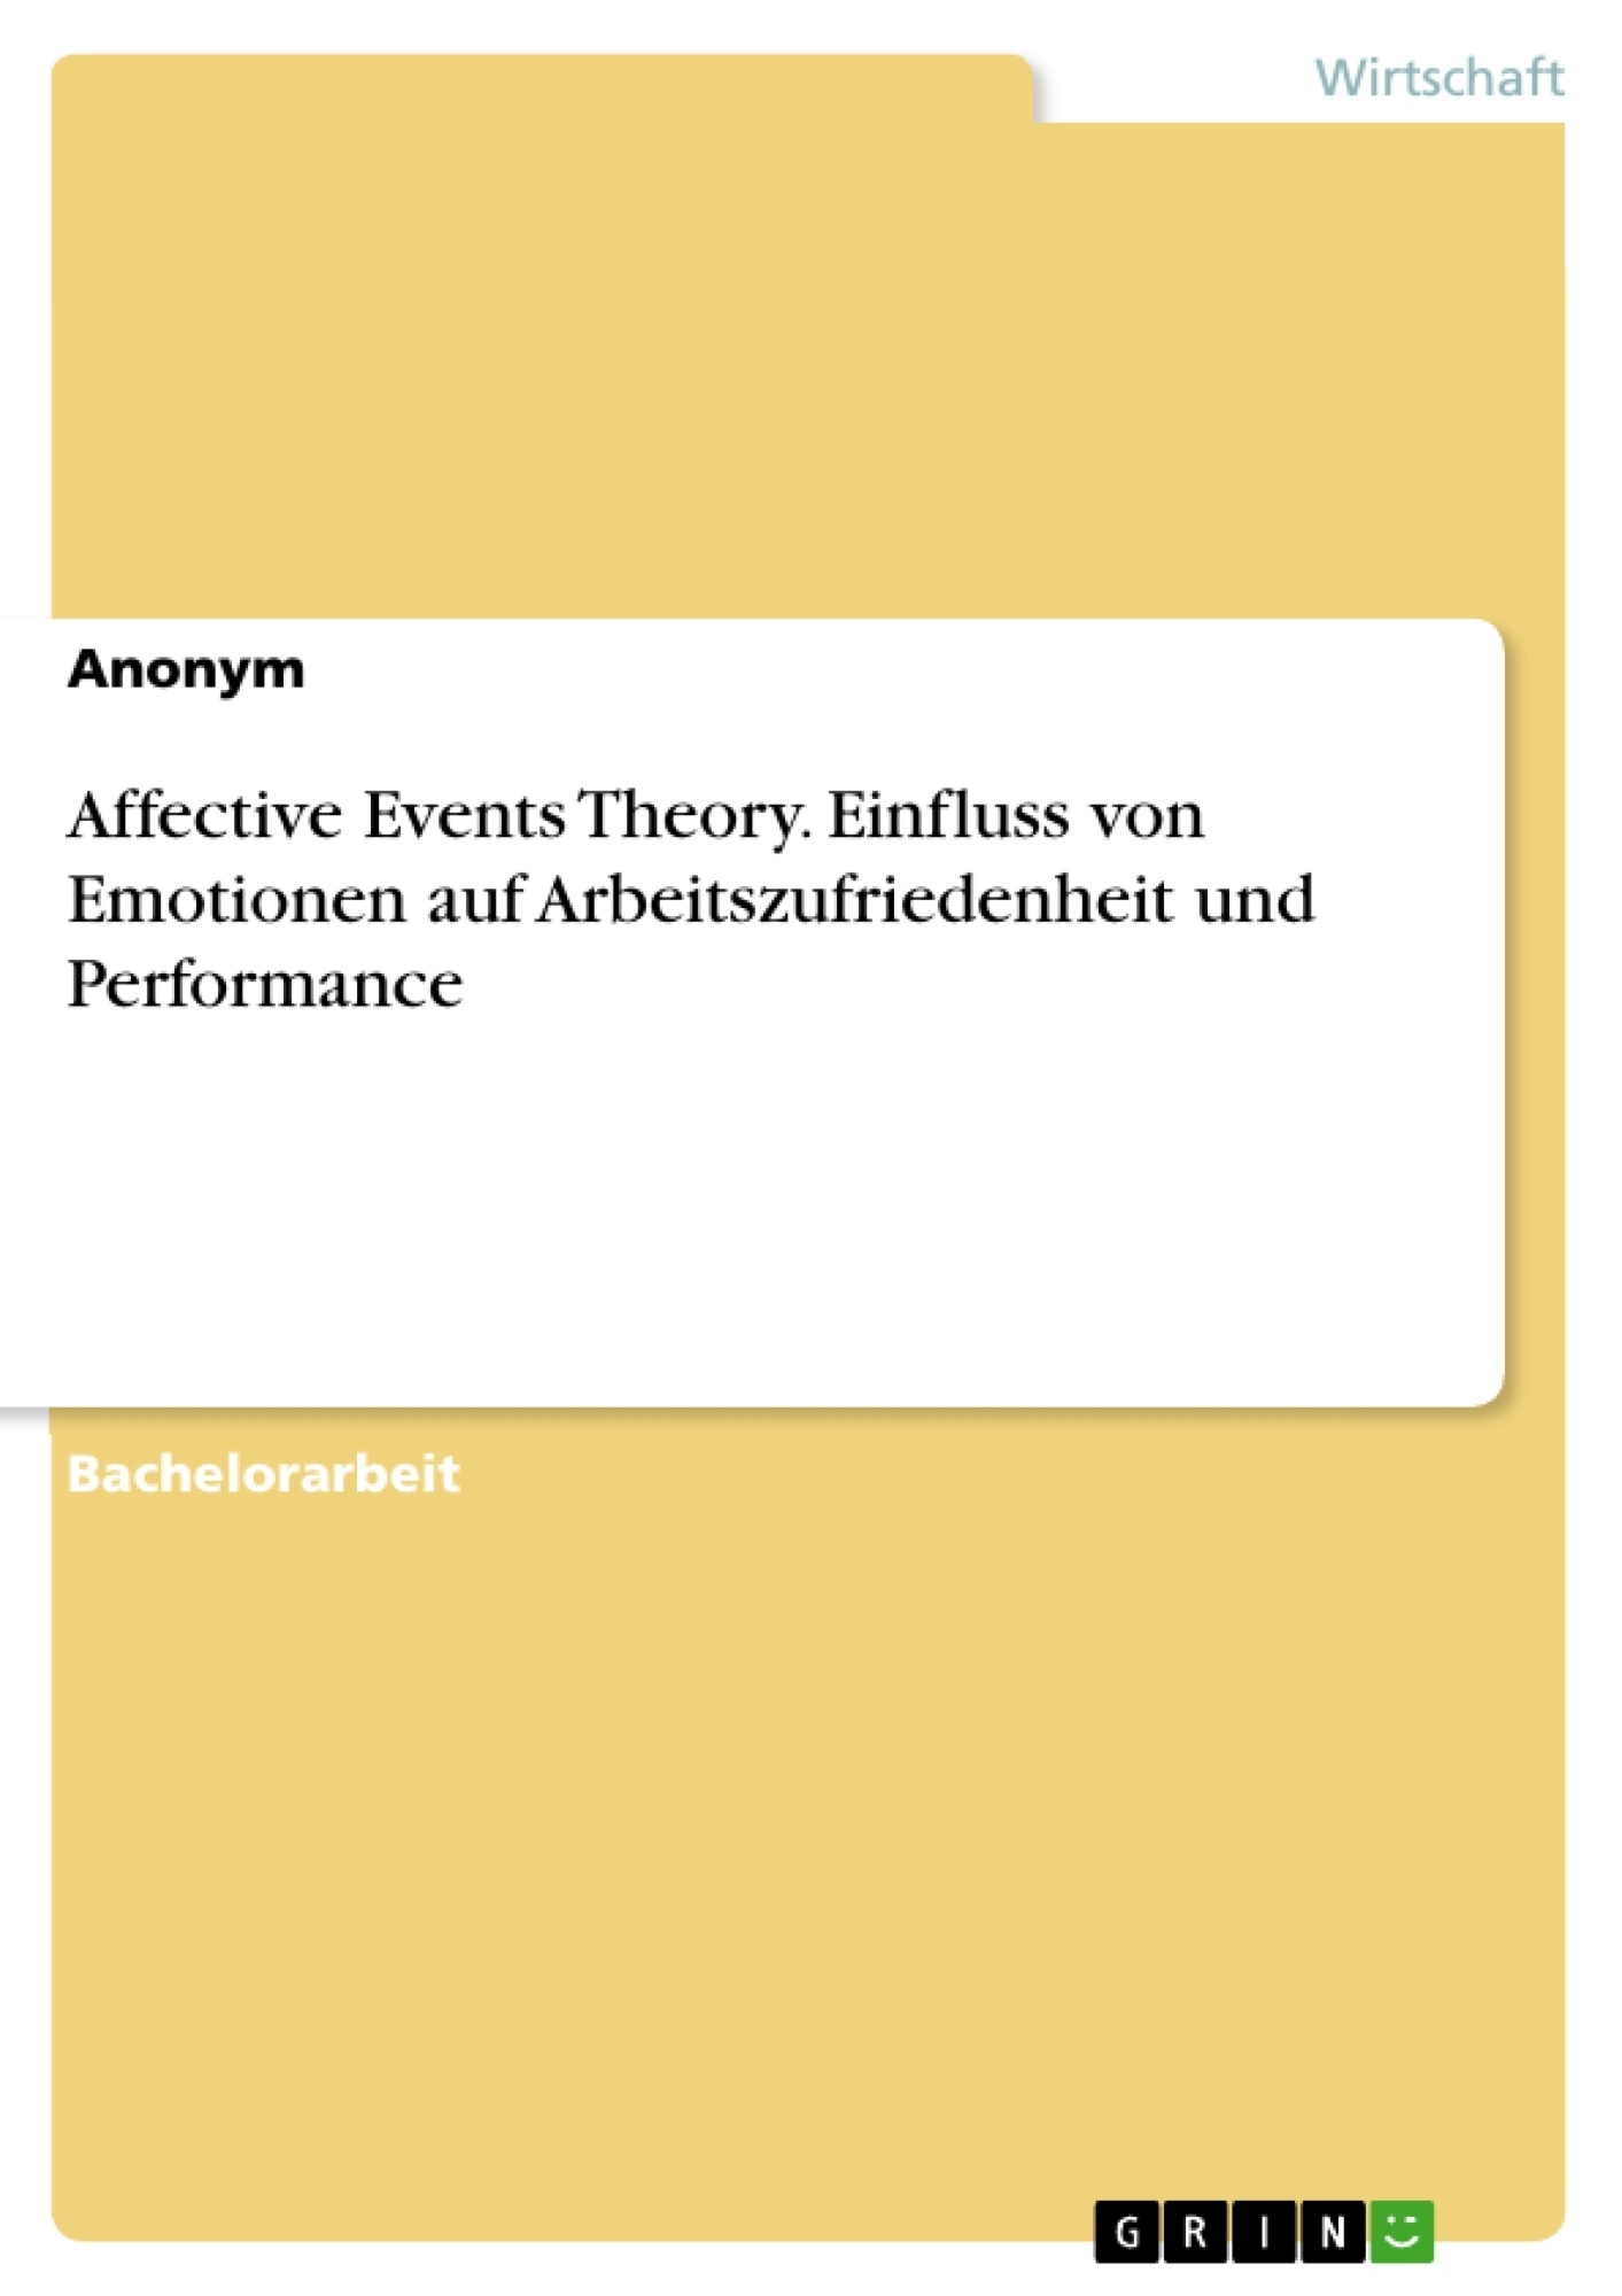 Titel: Affective Events Theory. Einfluss von Emotionen auf Arbeitszufriedenheit und Performance